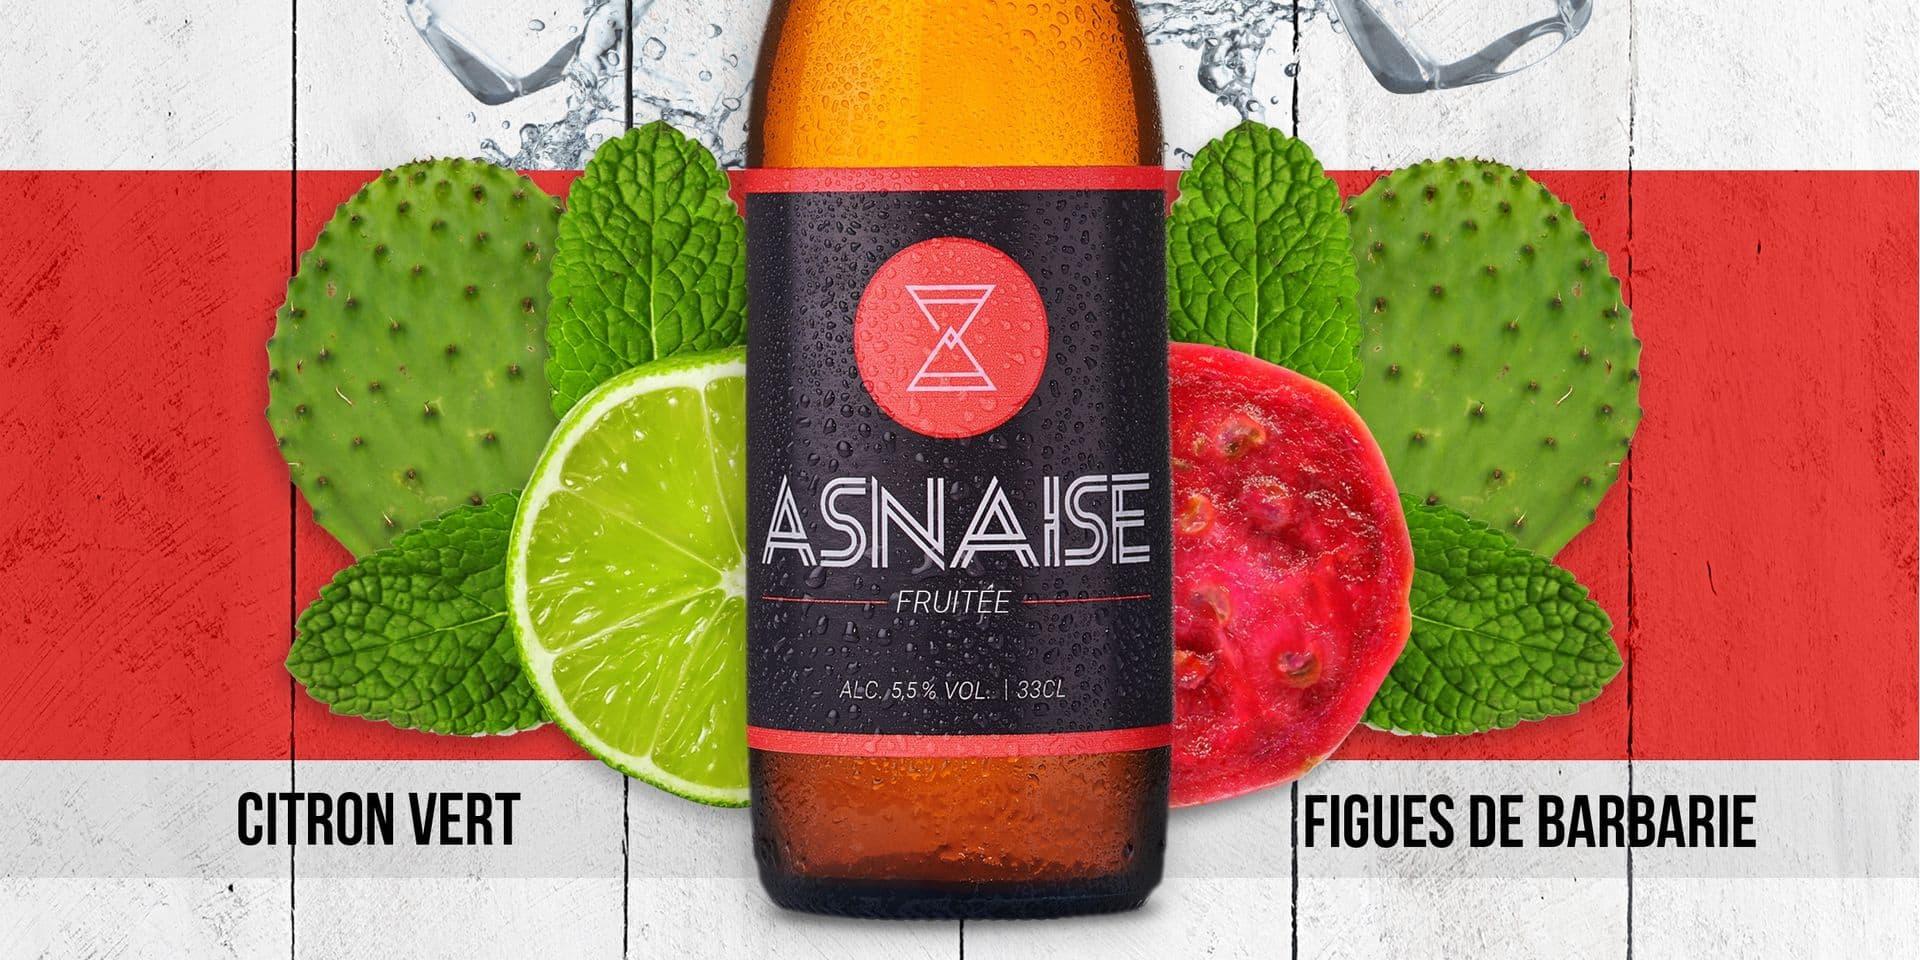 Soignies : Thomas et Sébastien lancent leur nouvelle bière fruitée en plein confinement